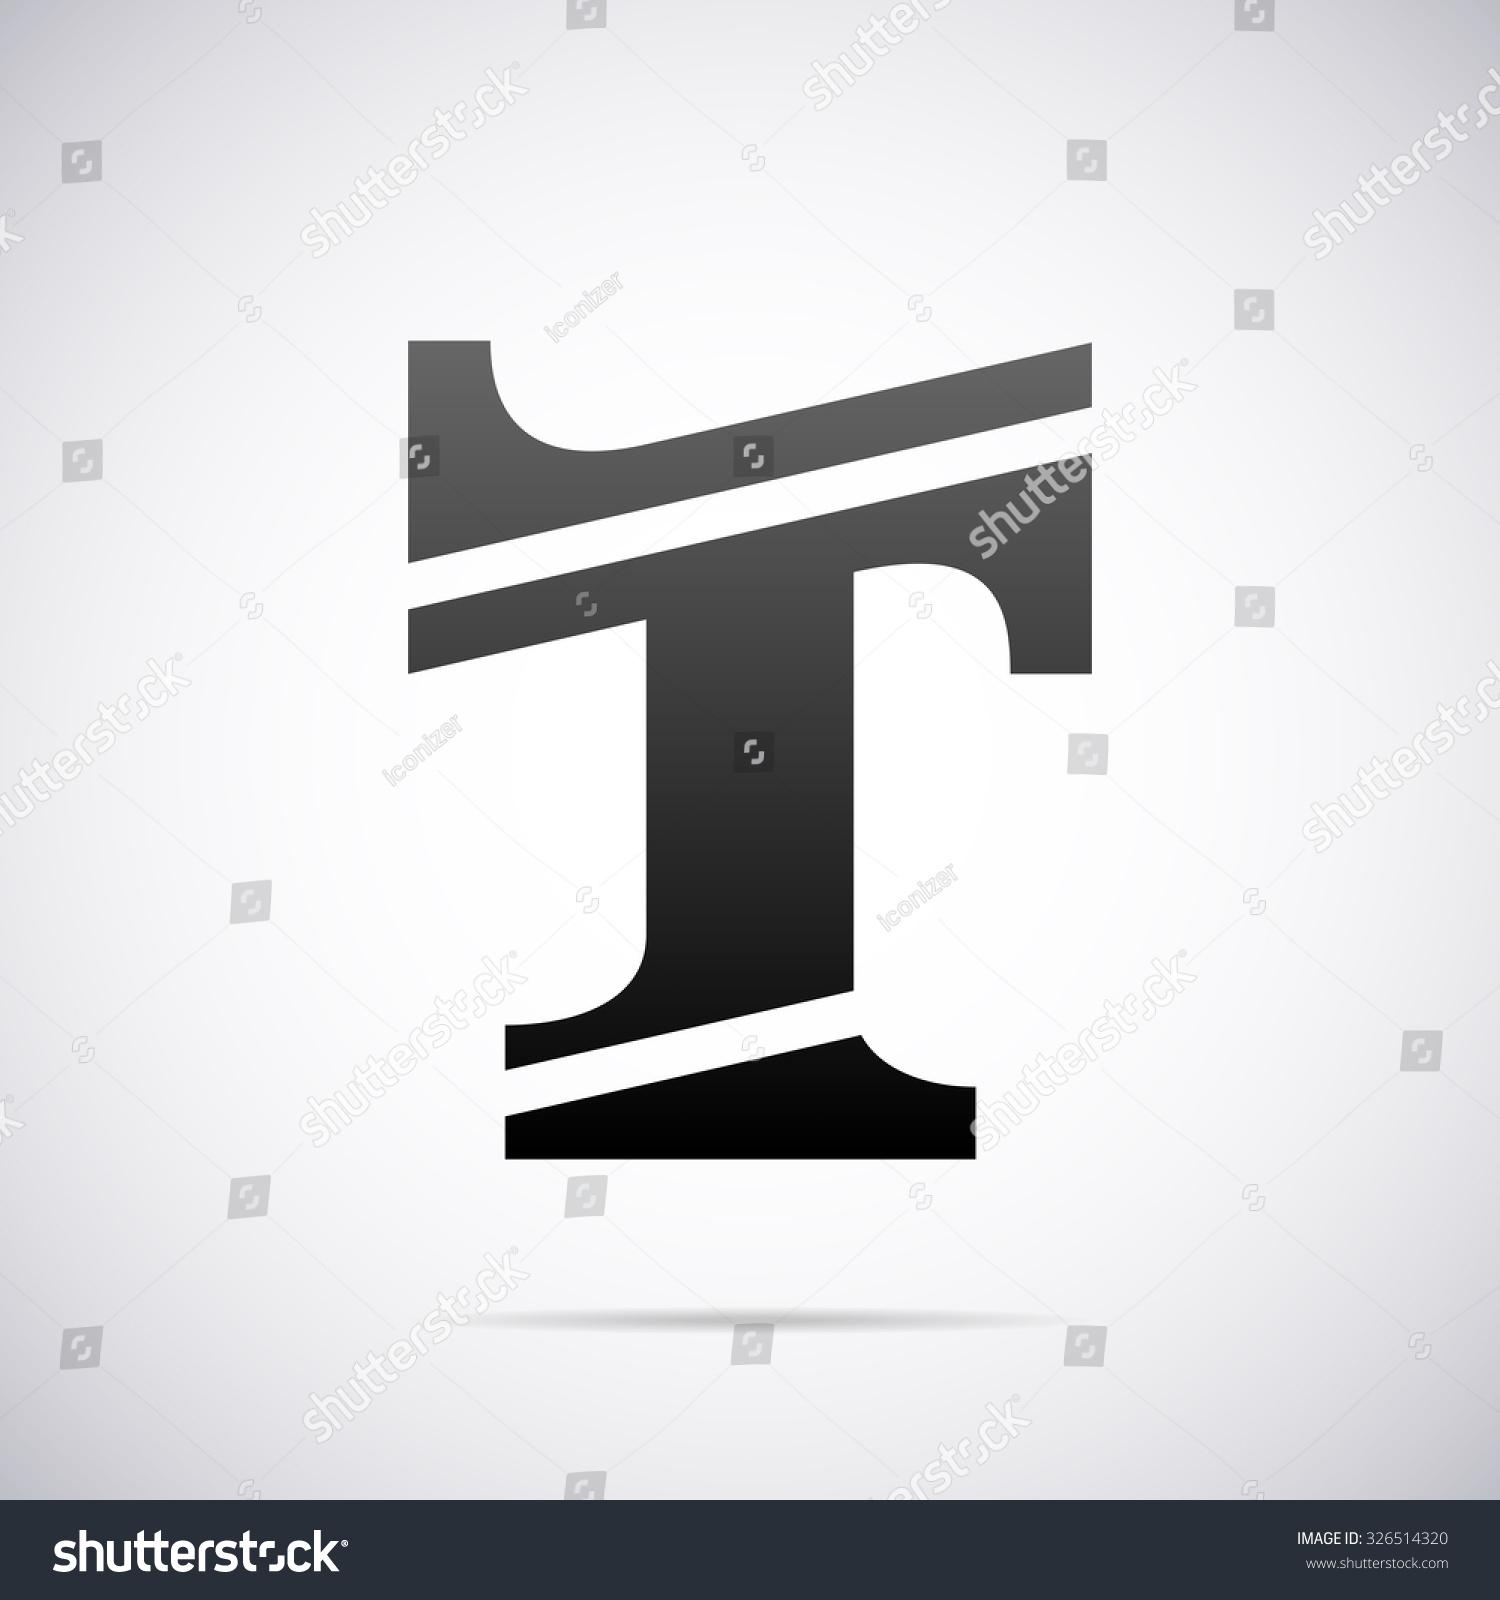 Logo Letter T Design Template Stock Vector 326514320 ...